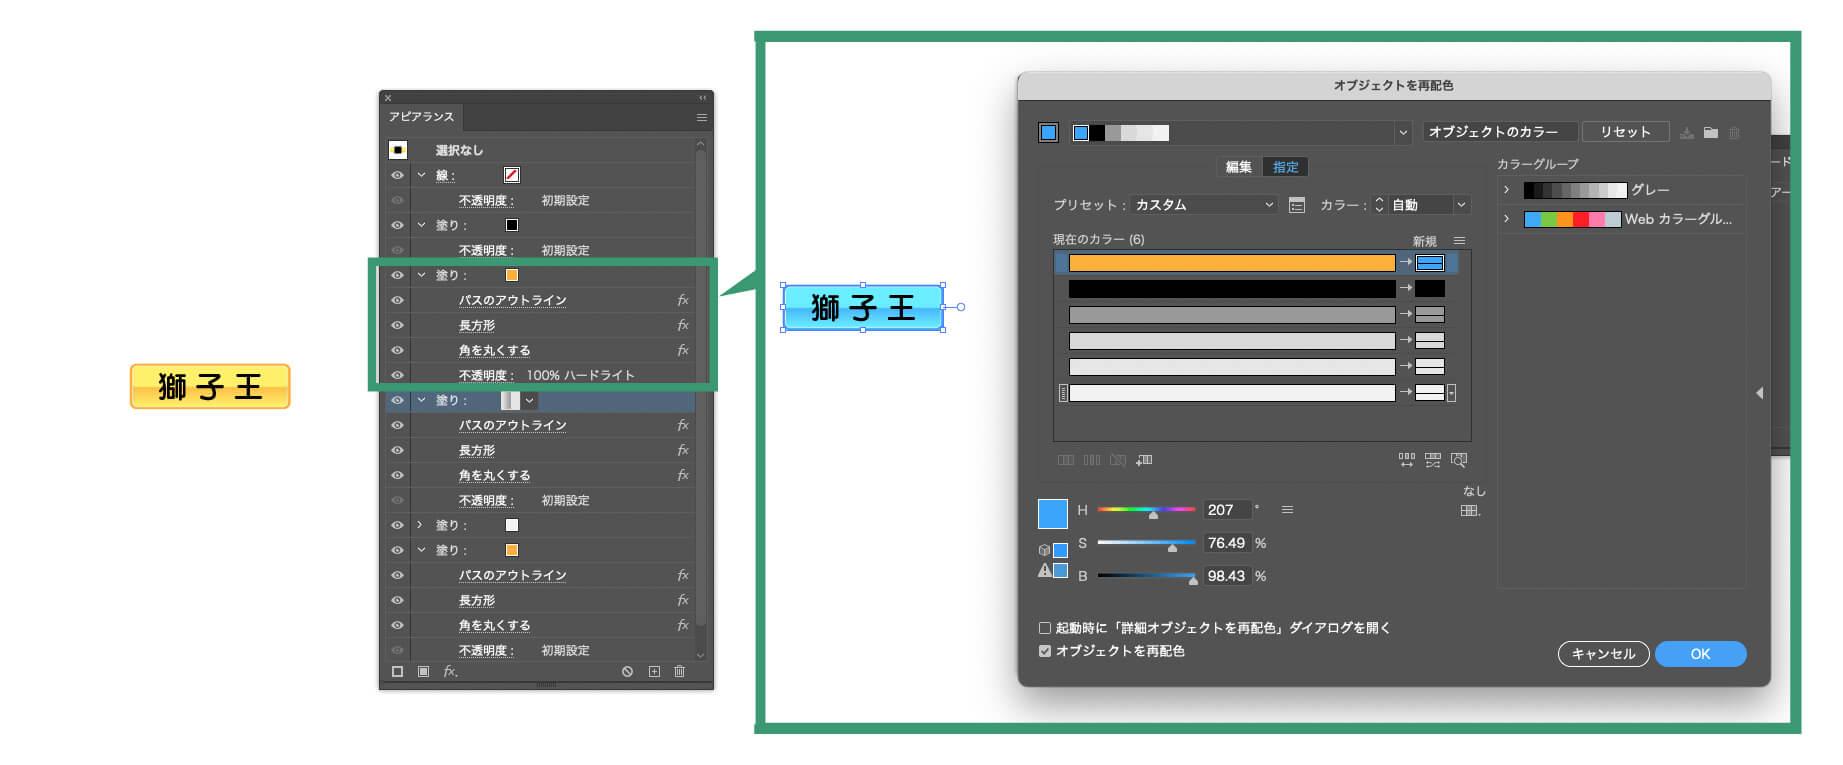 オブジェクトの再配色でグラデーションの上の色を変更。キャッチャー獅子王にもできる